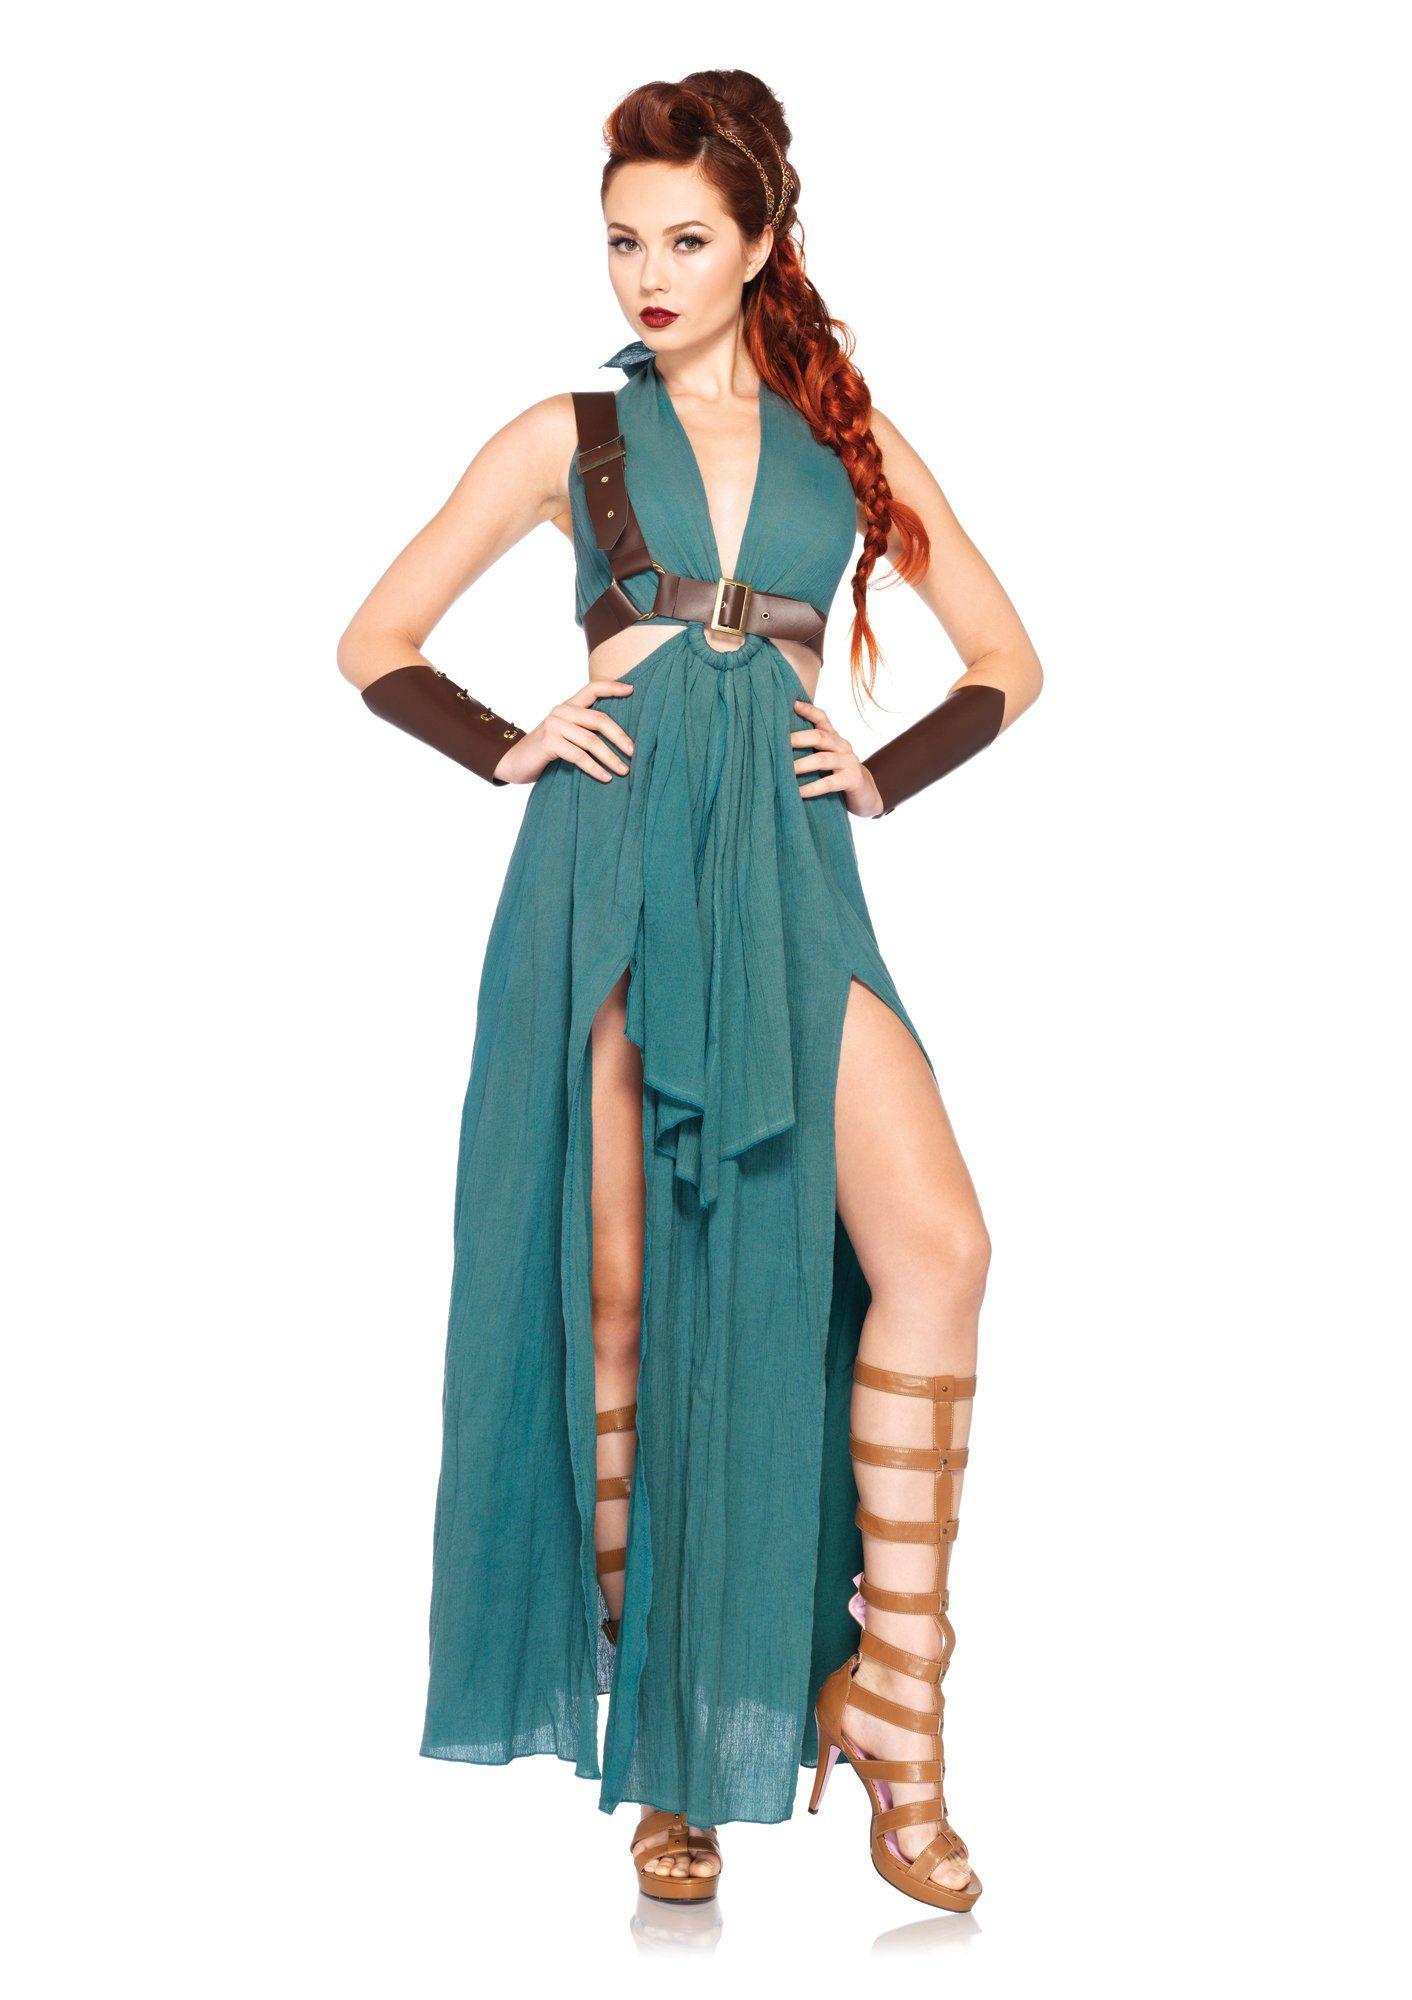 Leg Avenue Women's 4 Piece Warrior Maiden